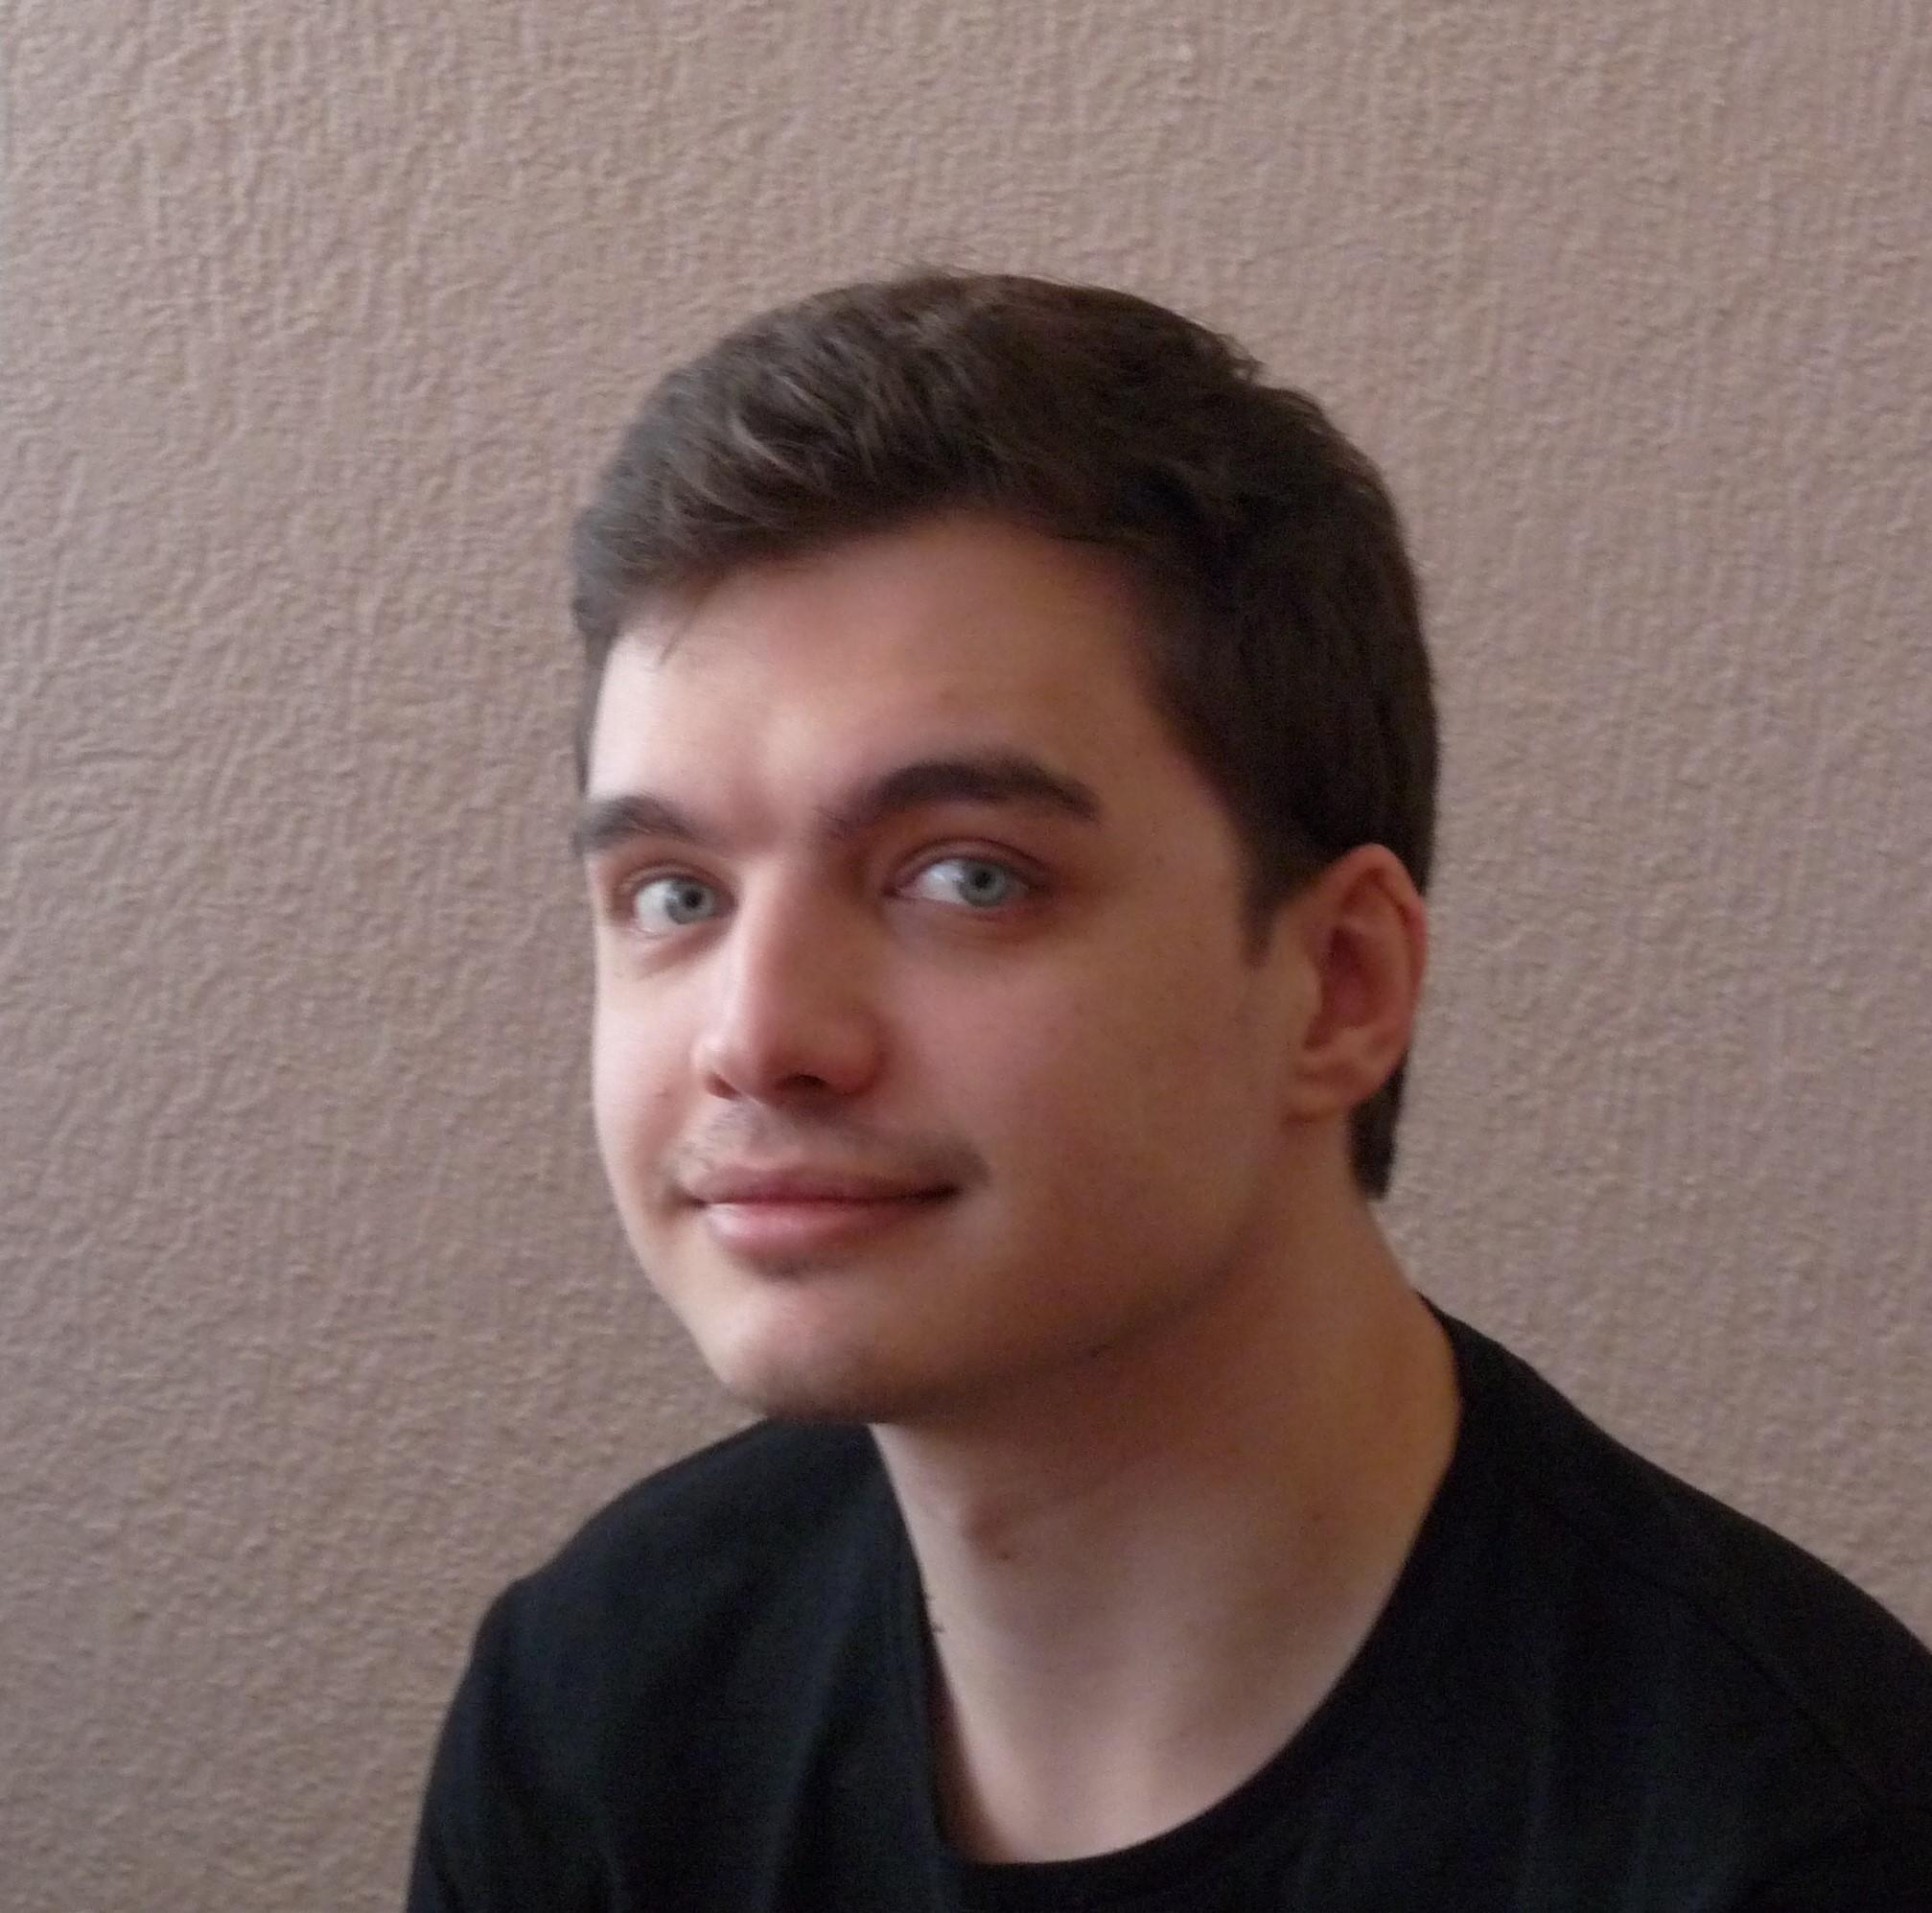 A photo of Stefan Keranov